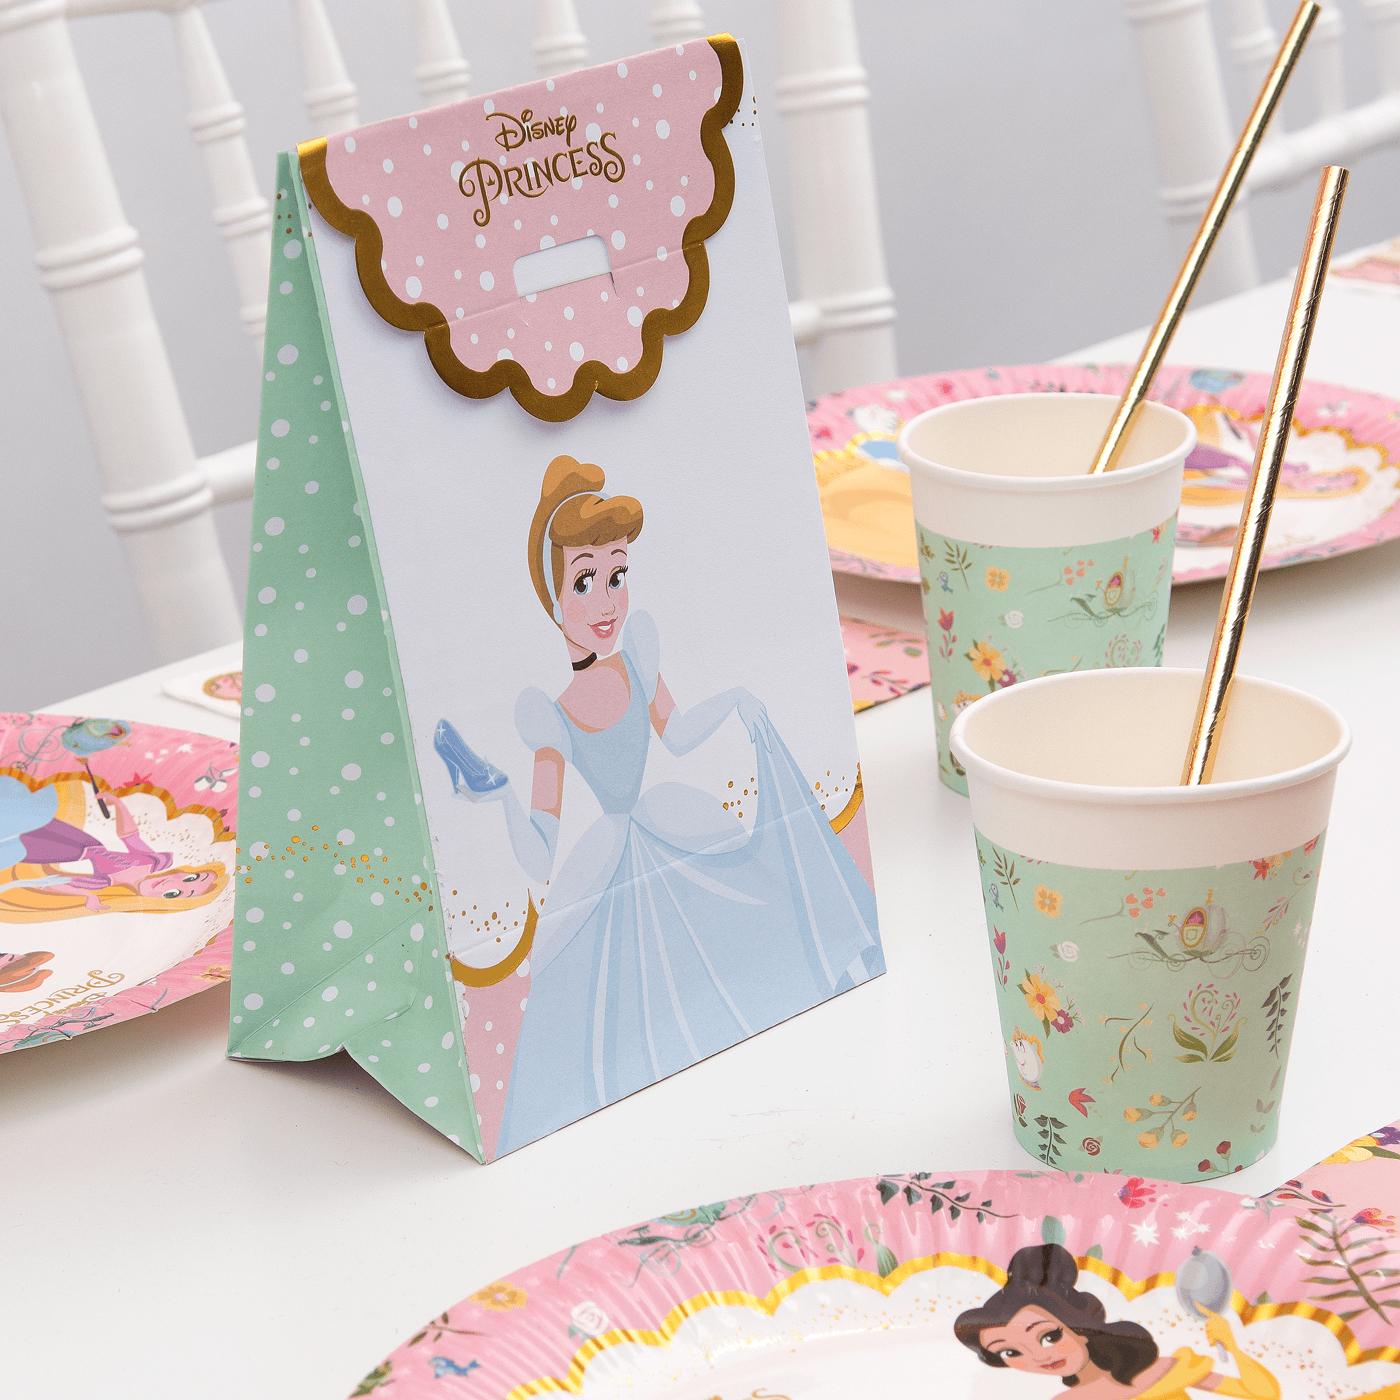 Imagen de producto: https://tienda.postreadiccion.com/img/articulos/secundarias13140-12-vasos-de-princesas-disney-de-200-ml-2.jpg